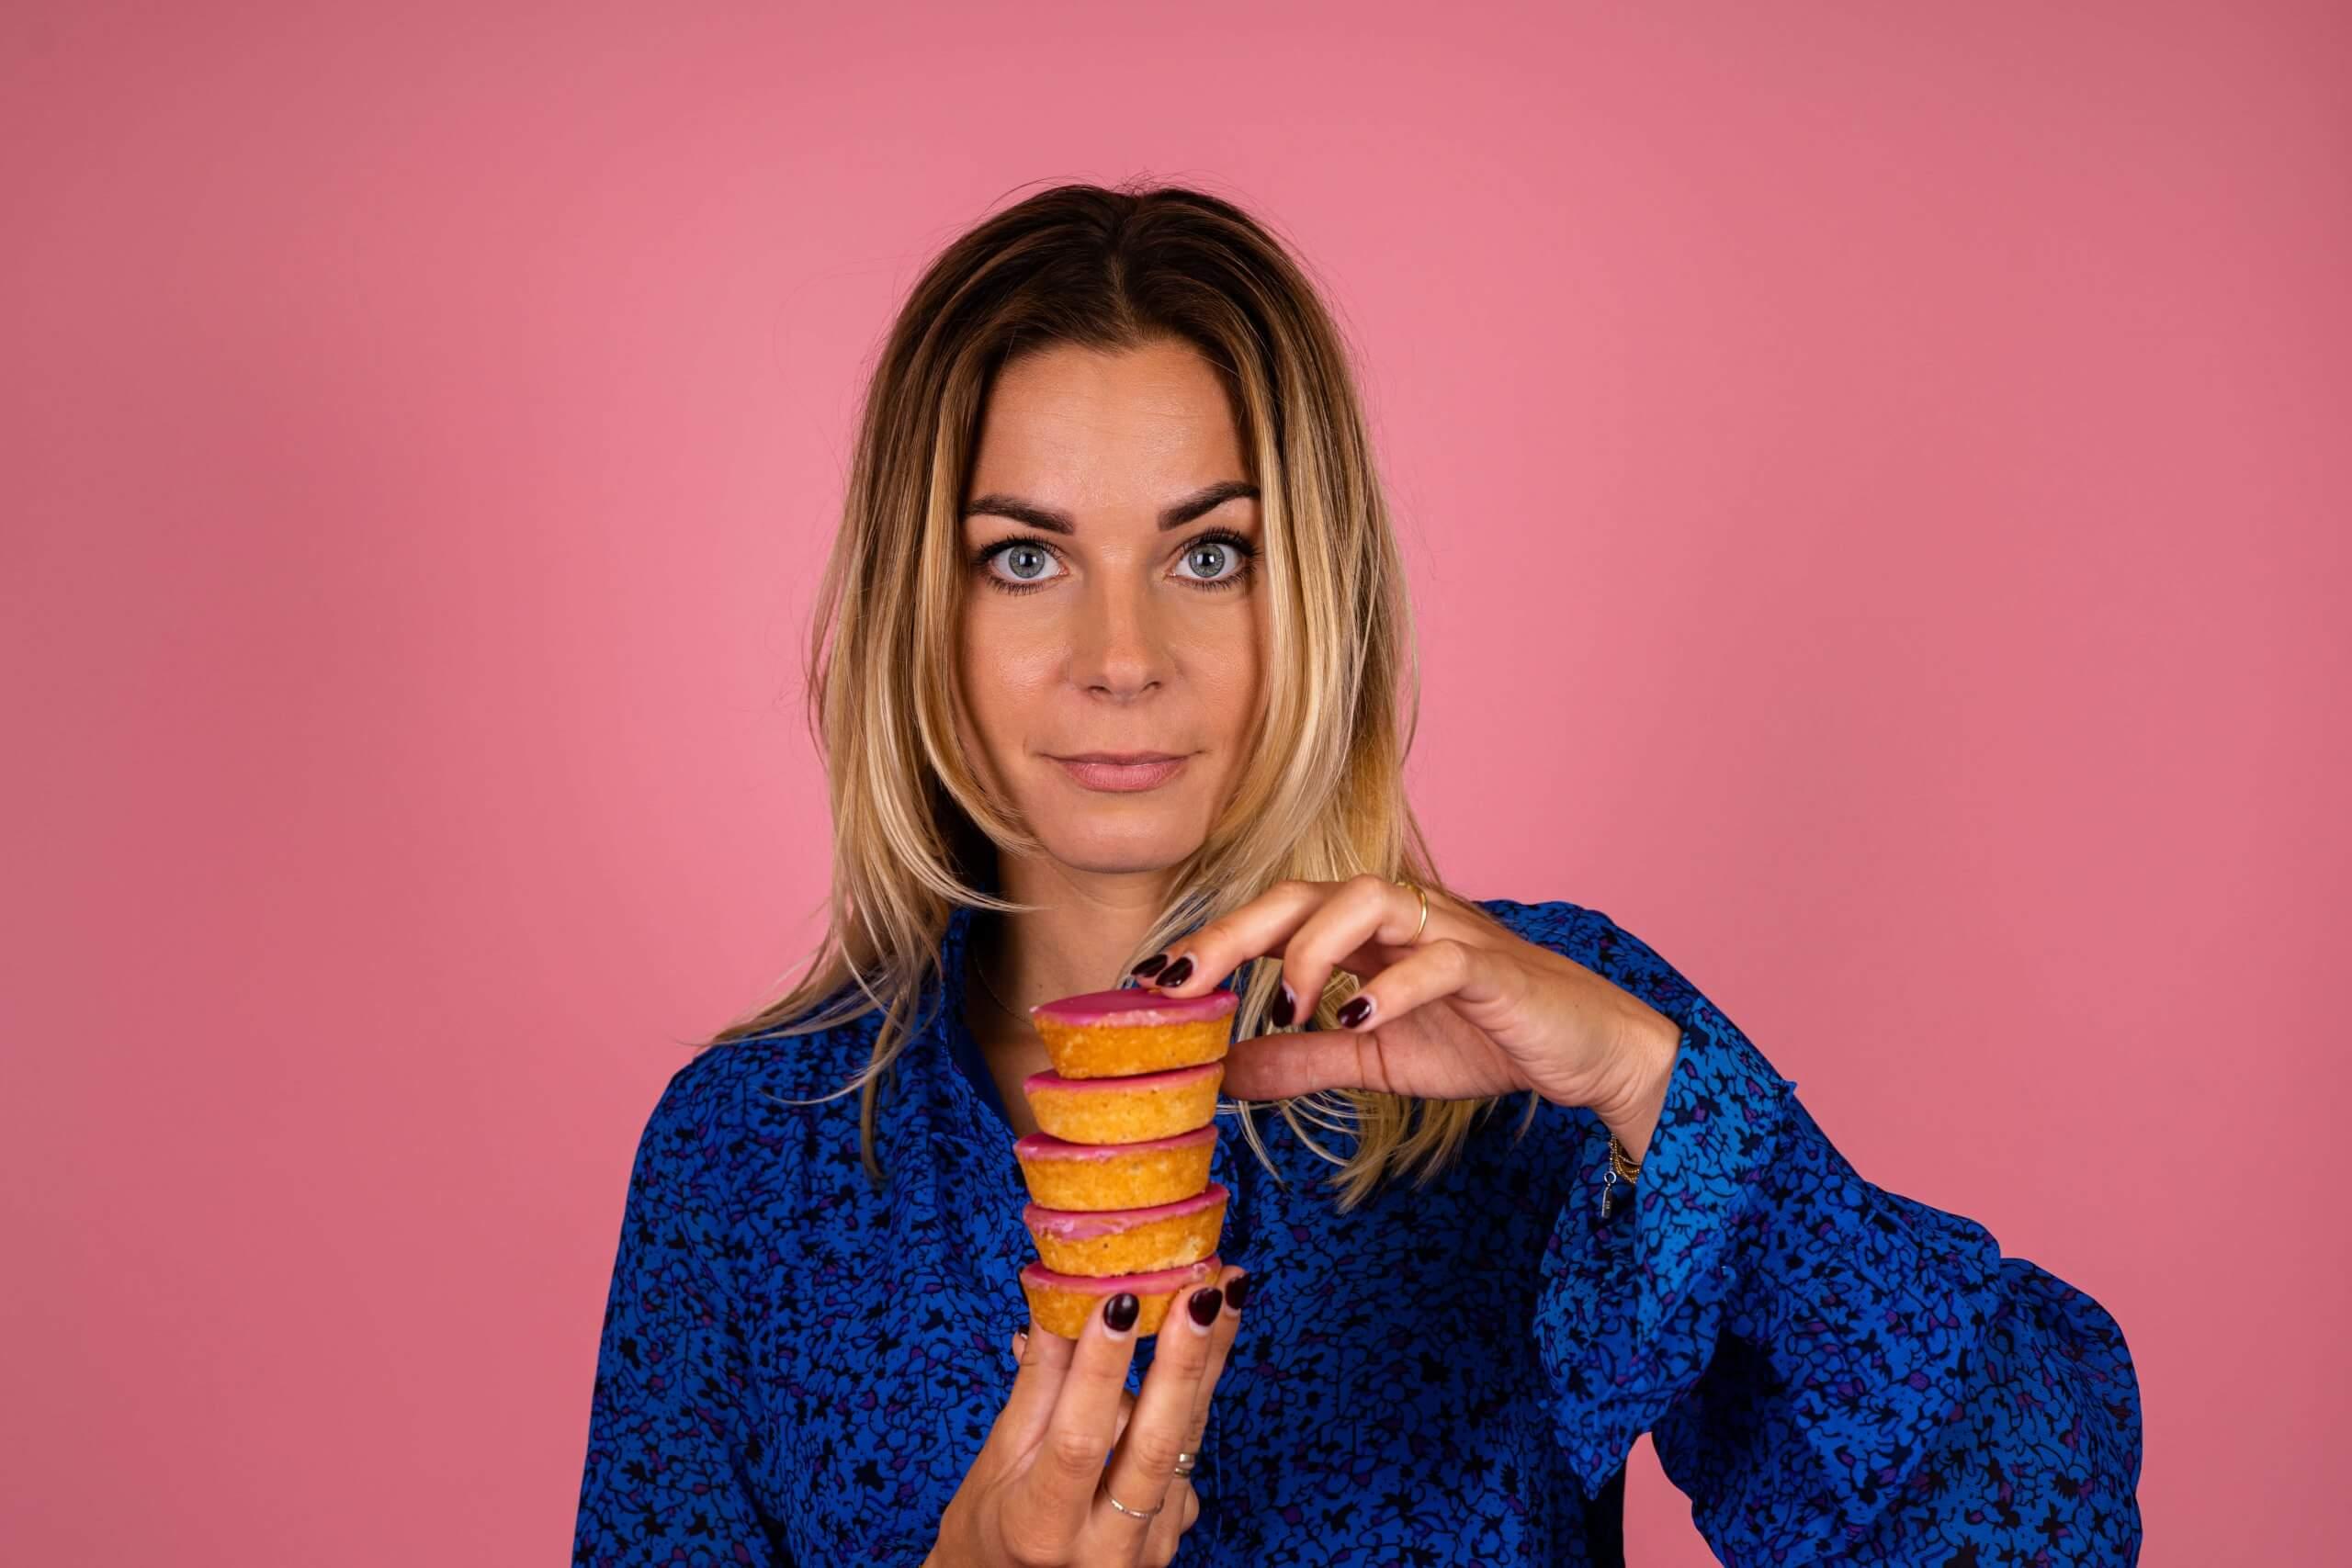 Bedrijfsfotografie business content zzper vrouwelijke ondernemer Lekkerkerk Say yes to health roze pink